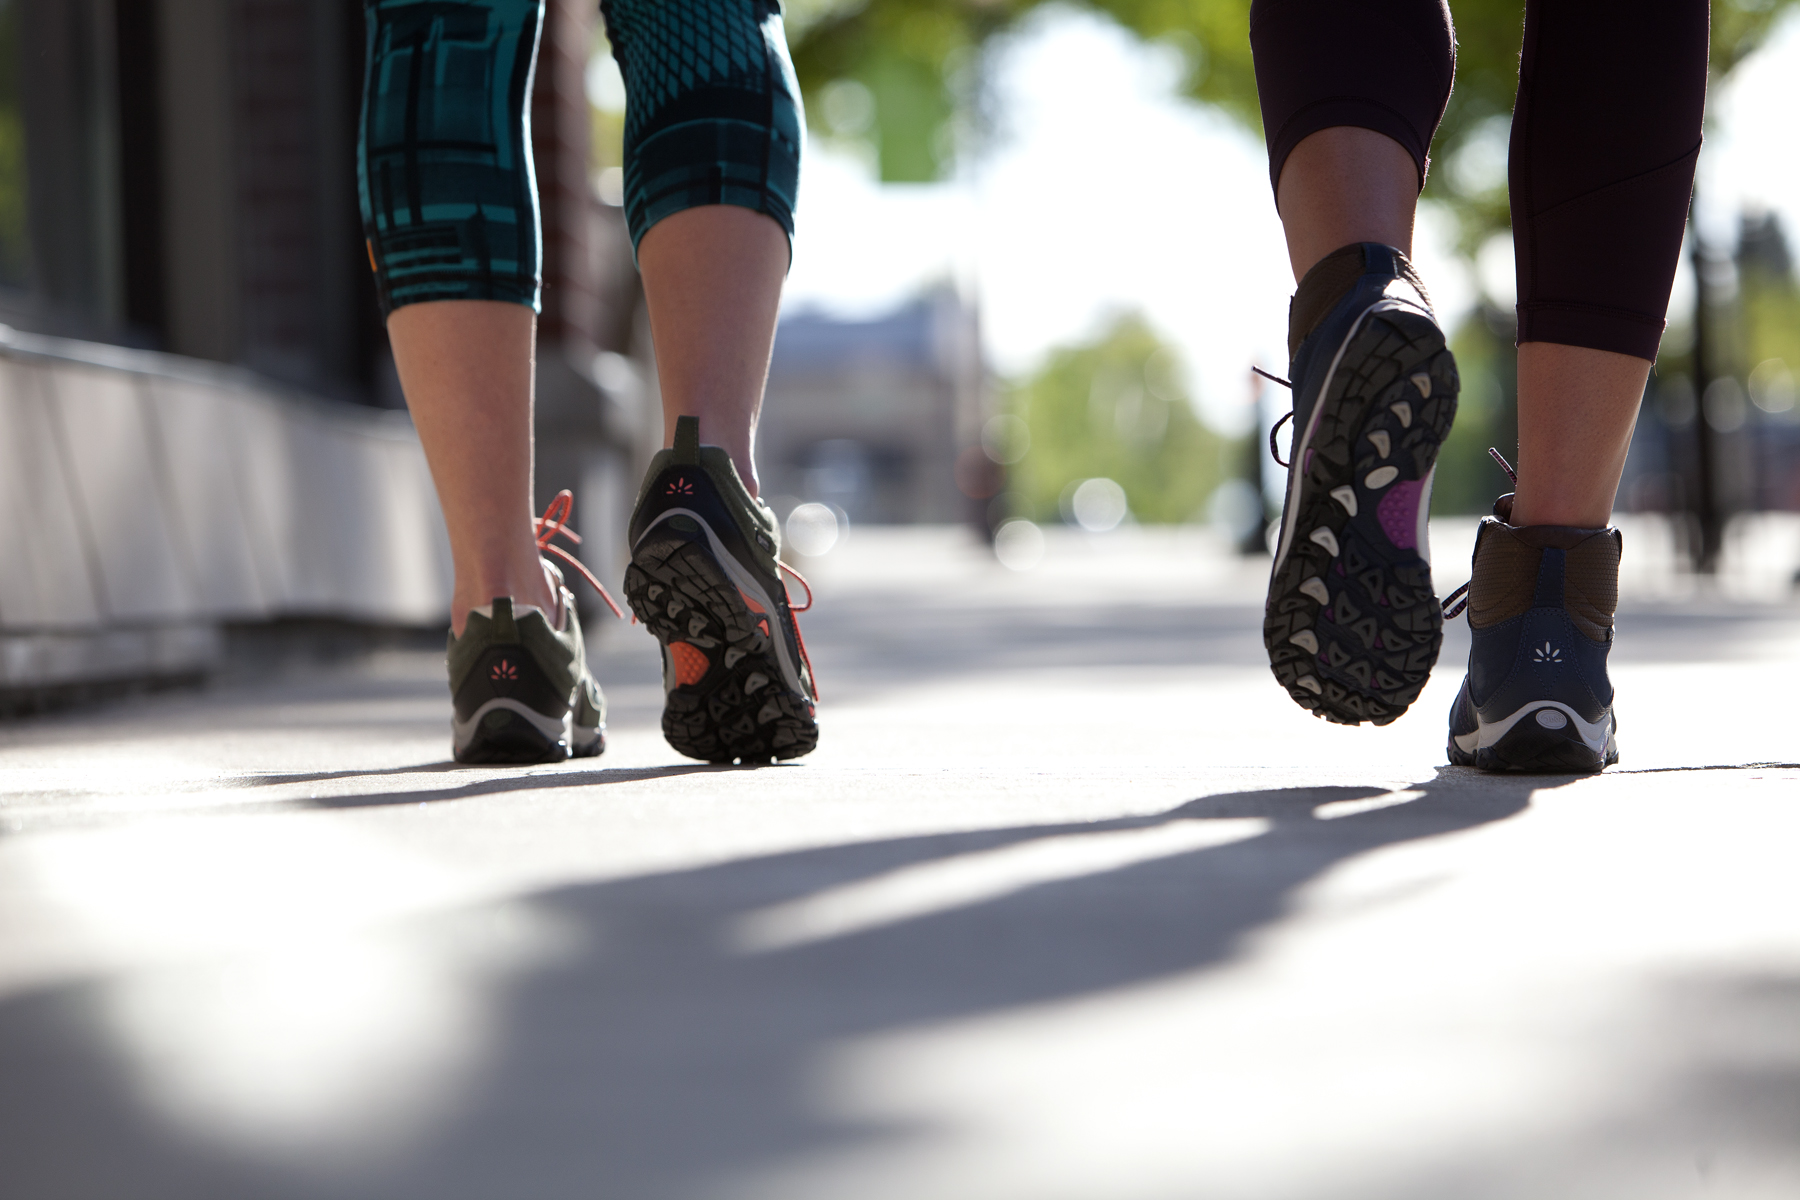 Walking_Feet_Urban_Athlete